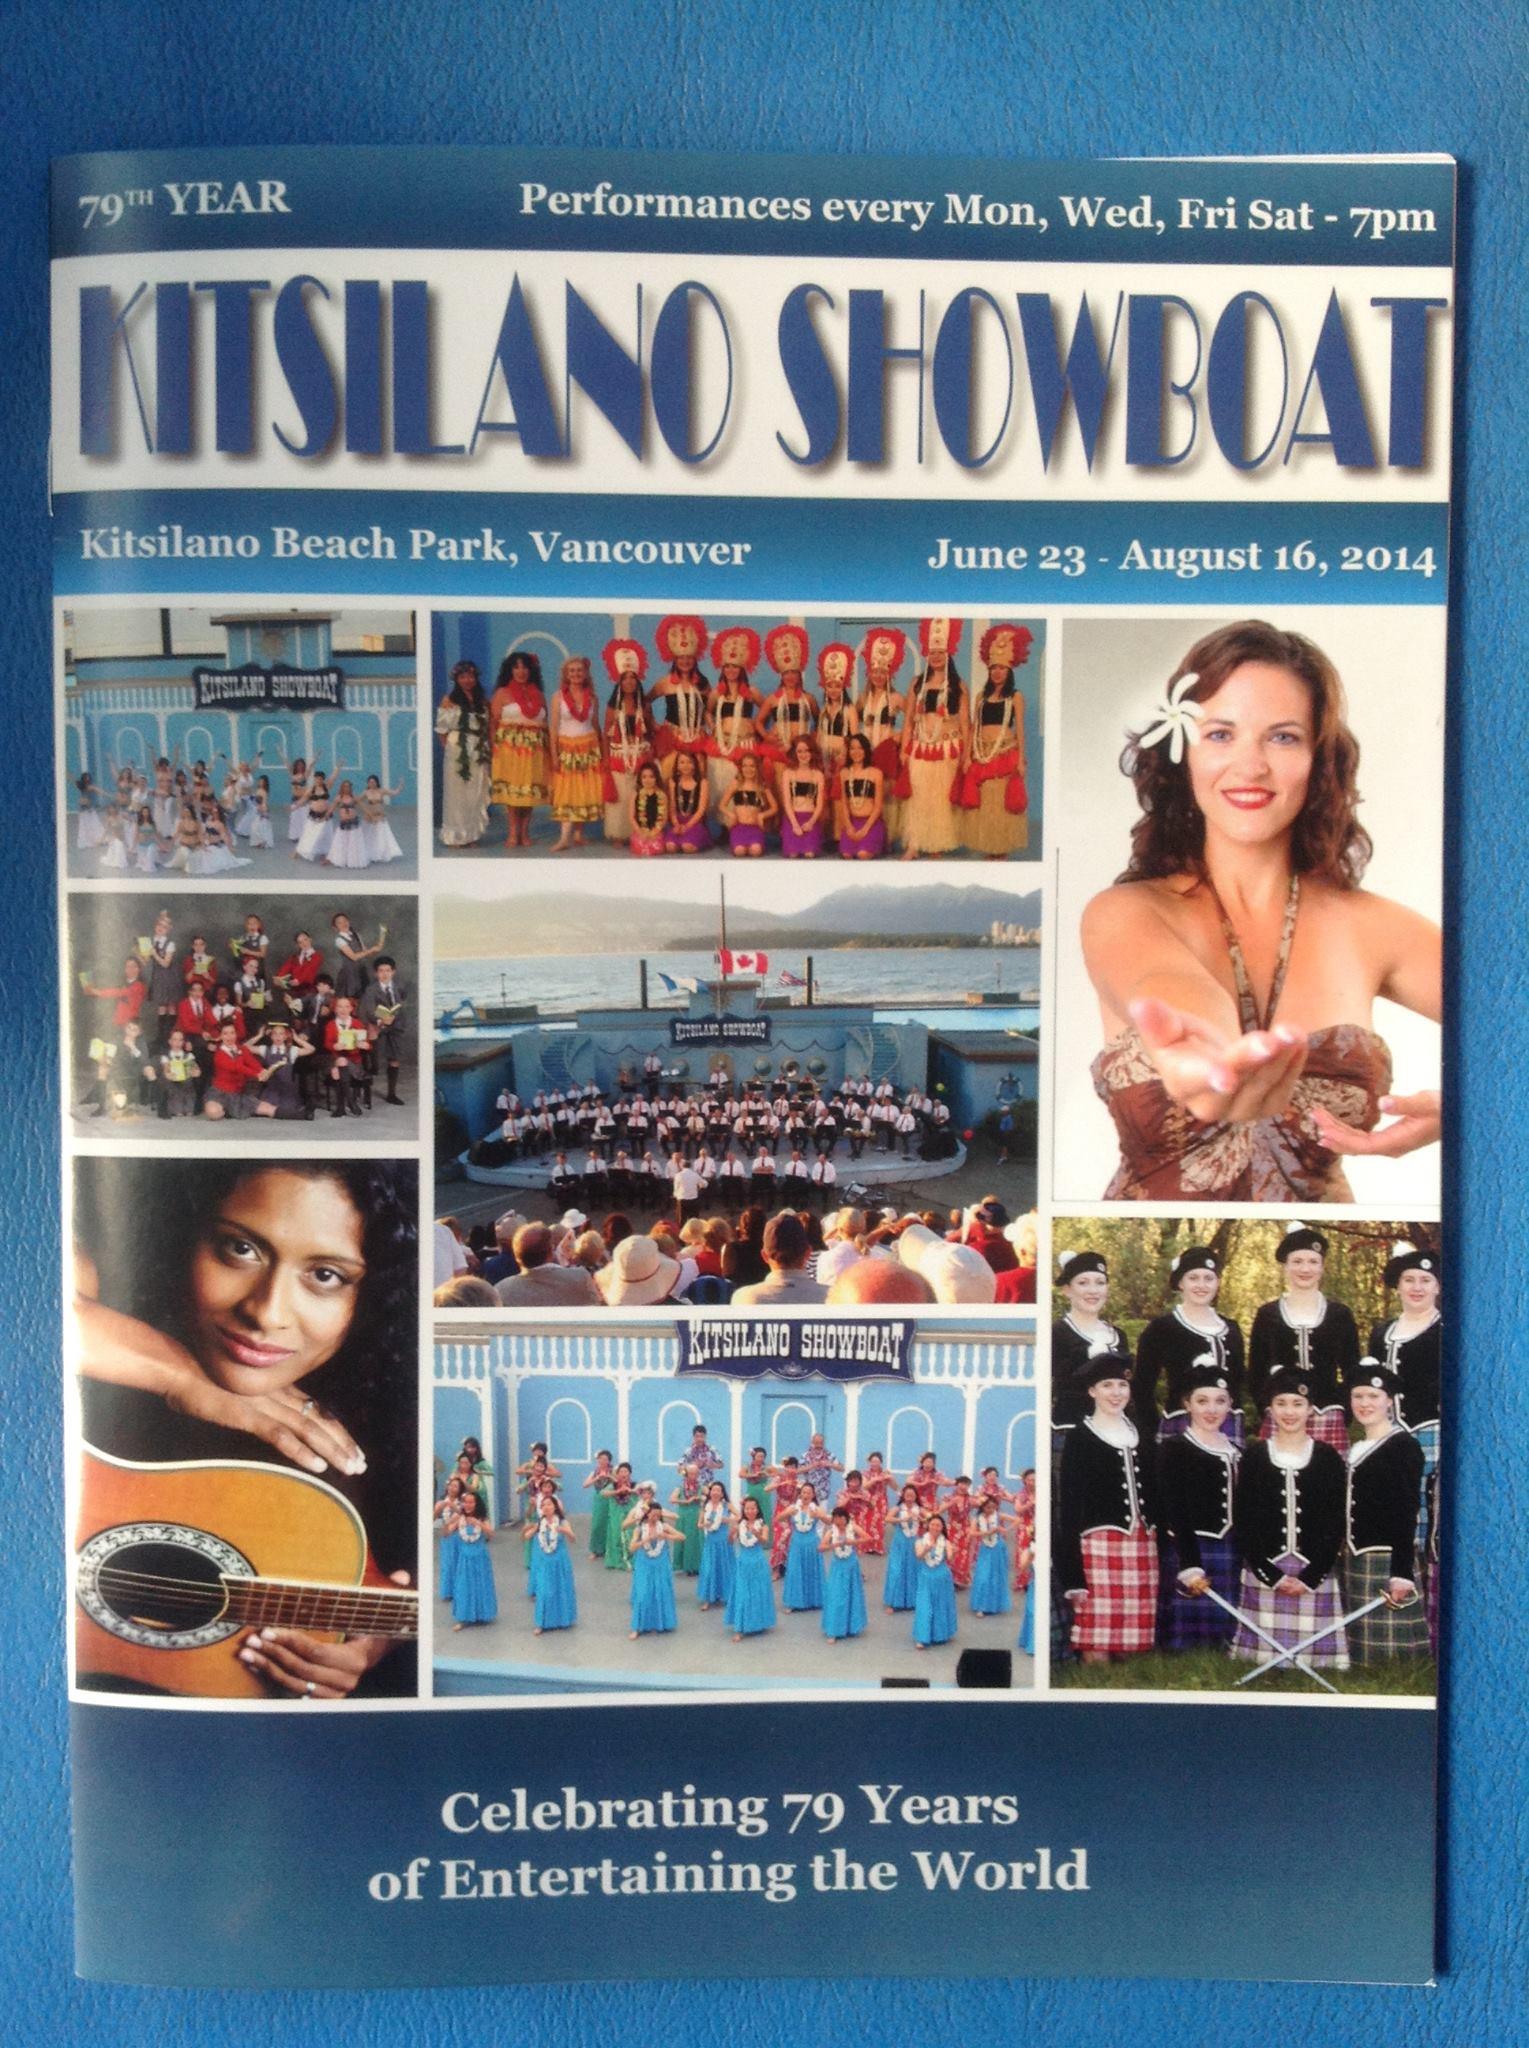 Photo courtesy of Kitsilano Showboat